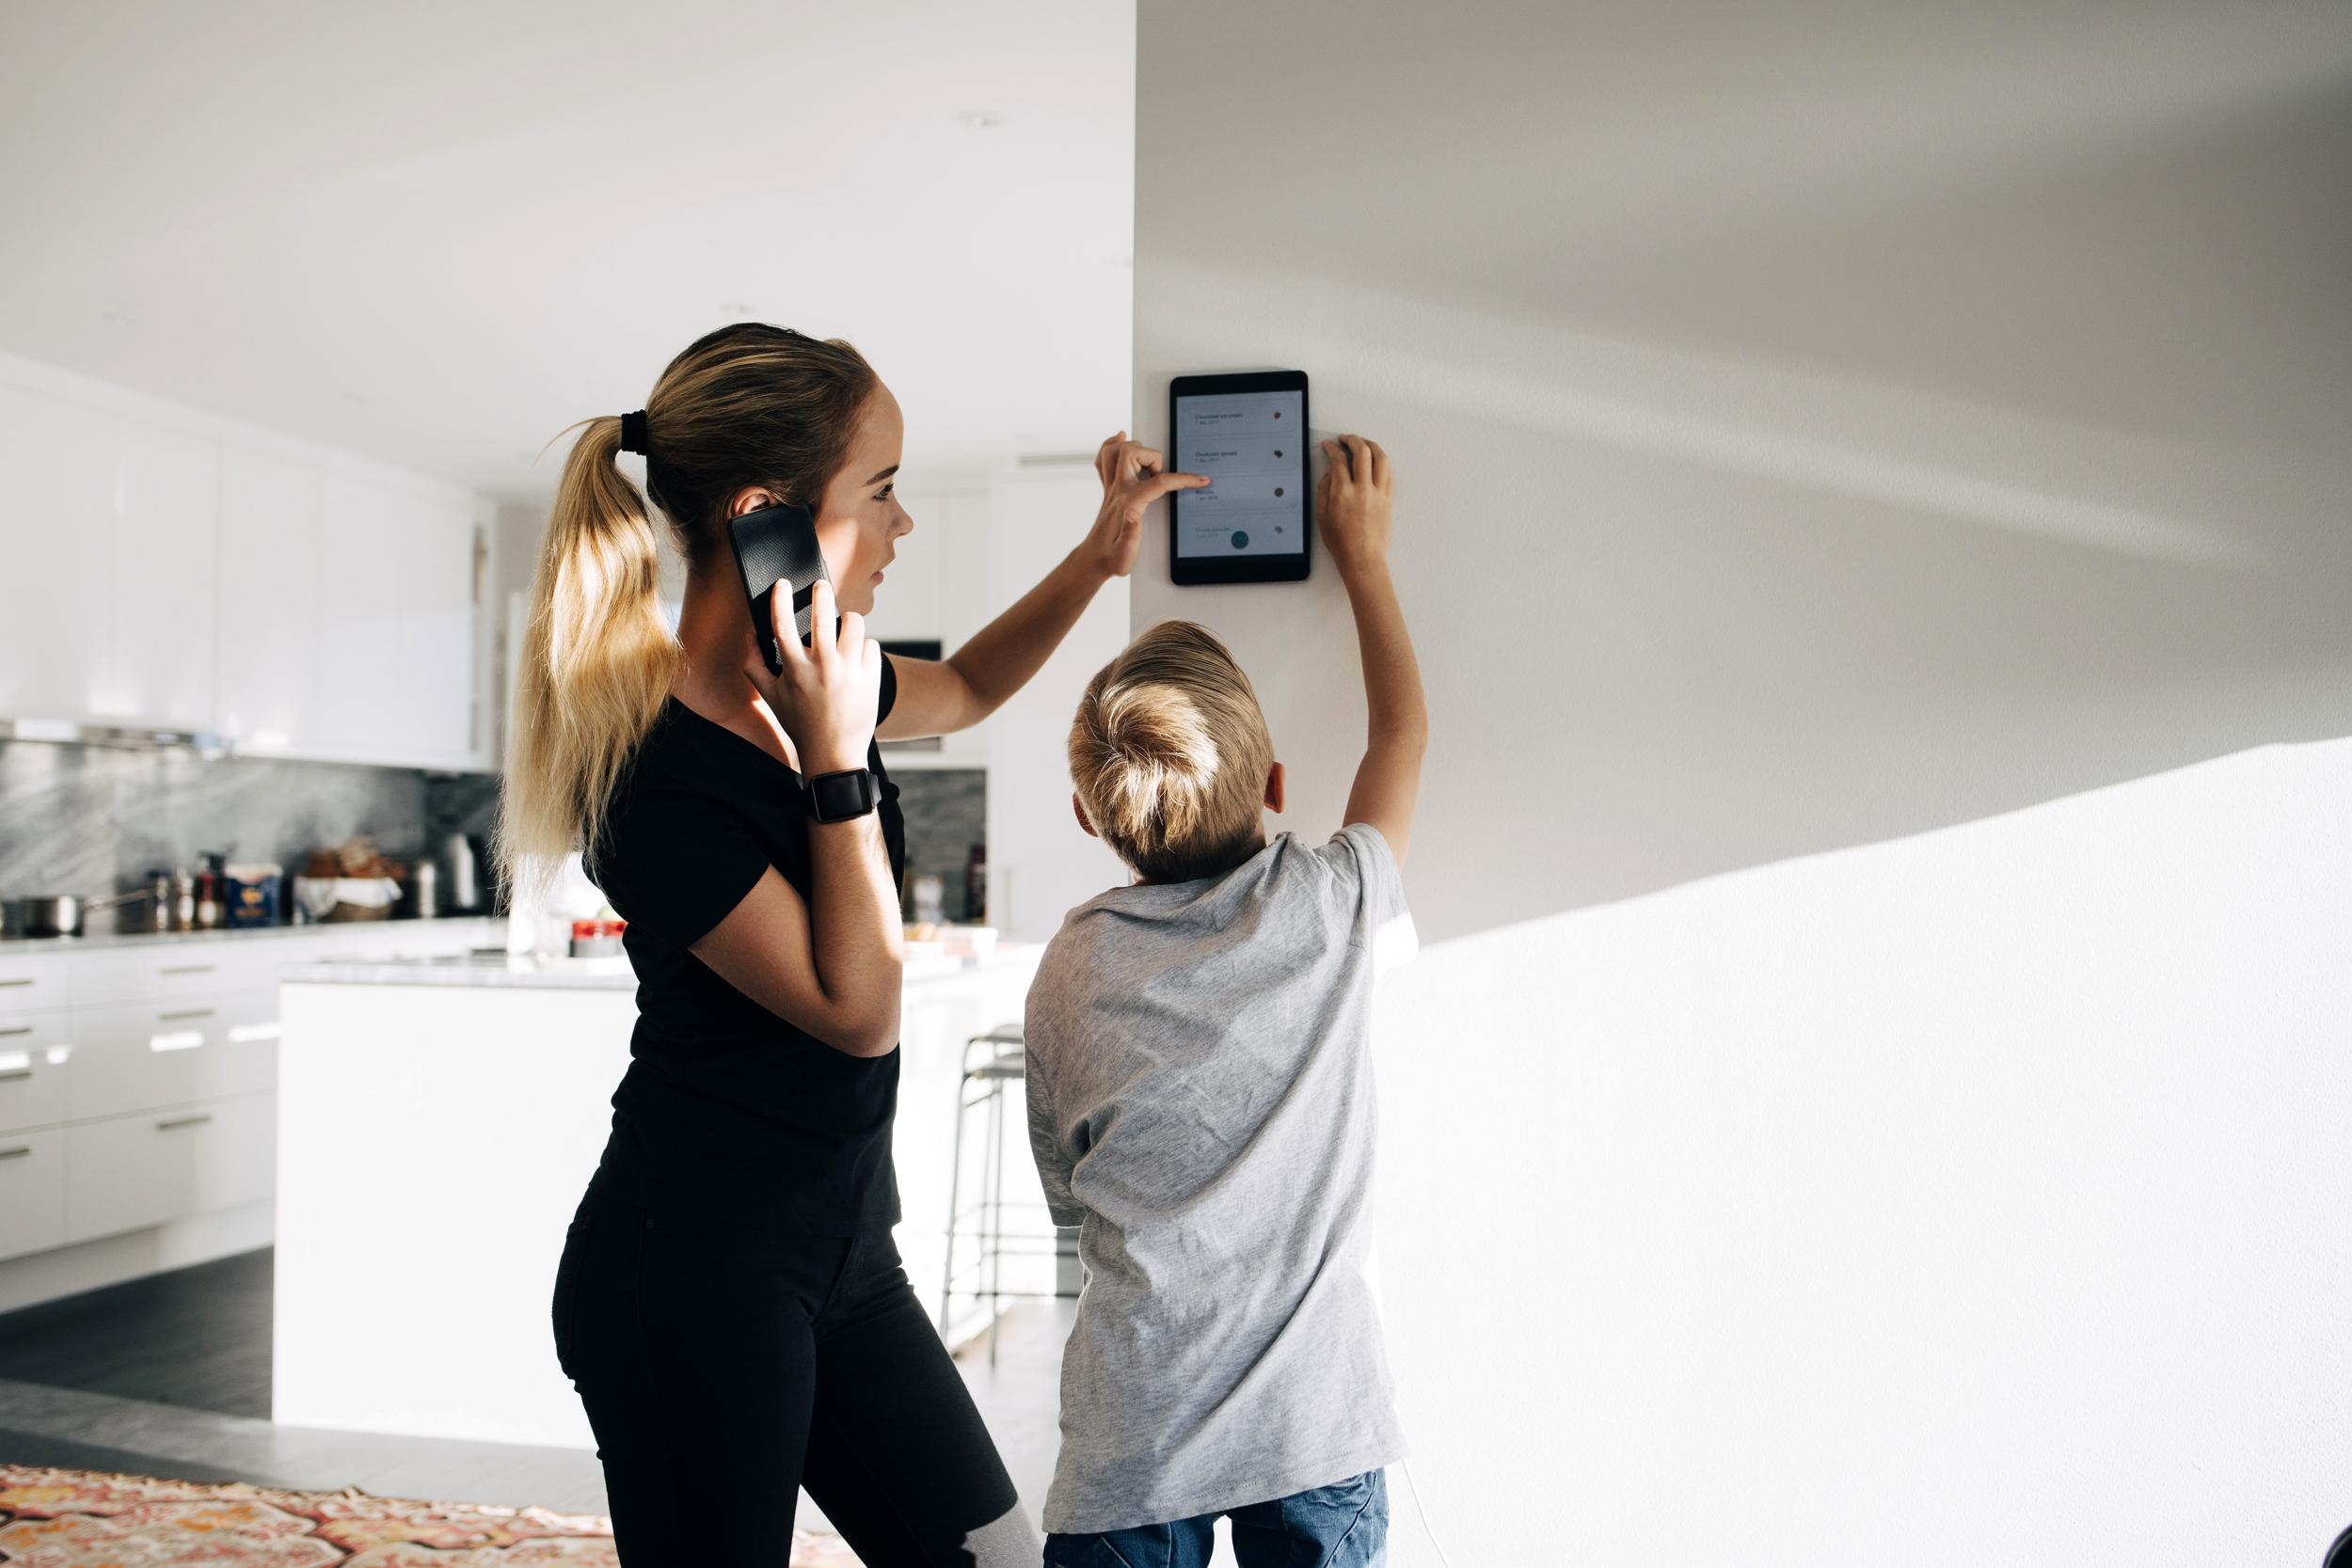 Guida alla casa intelligente per principianti: rendi la tua casa più comoda in cui vivere senza spendere molto tempo o denaro